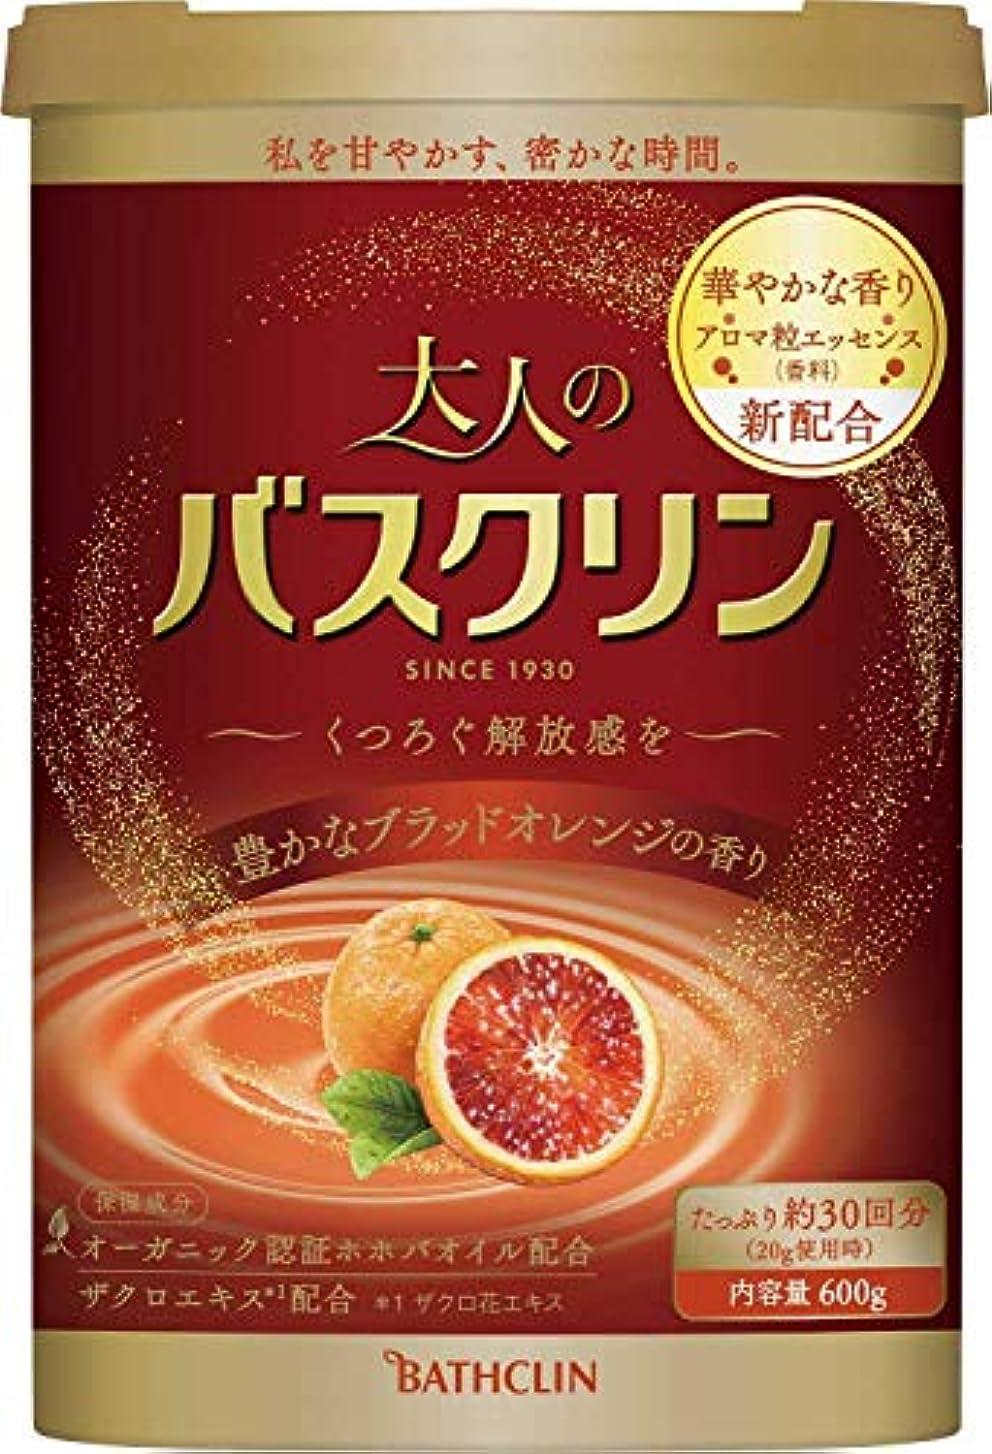 クロールカテゴリー反対する大人のバスクリン豊かなブラッドオレンジの香り600g入浴剤(約30回分)